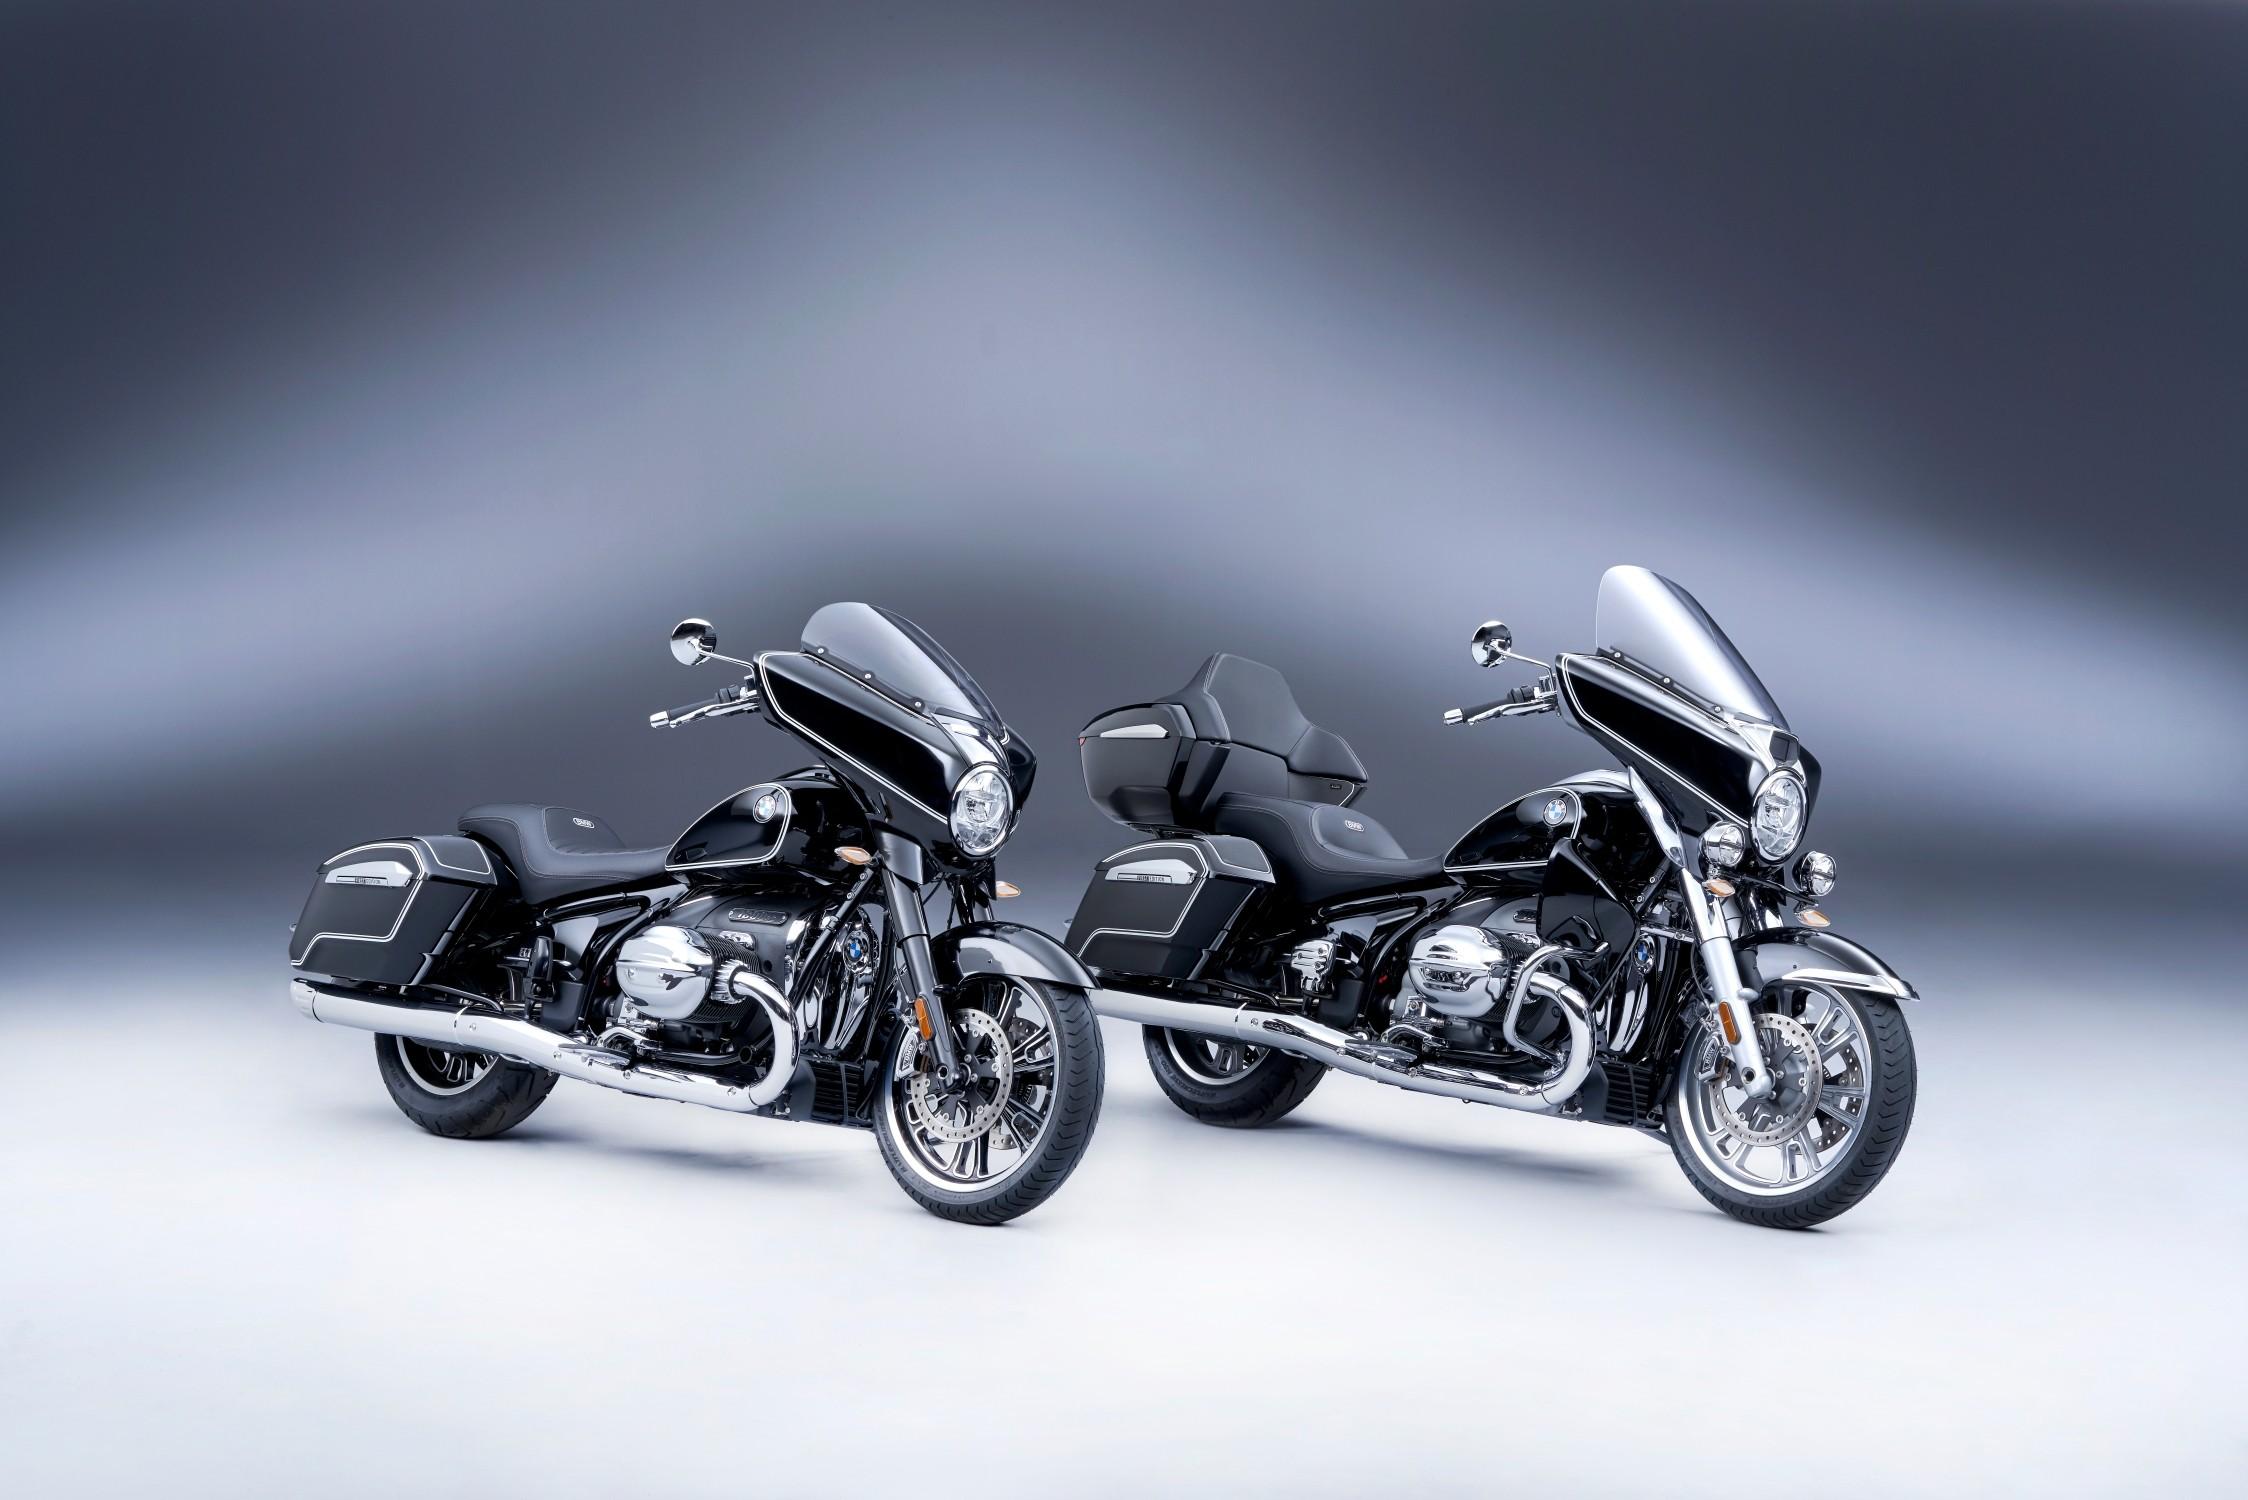 BMW R 18 B and BMW R 18 Transcontinental (9)